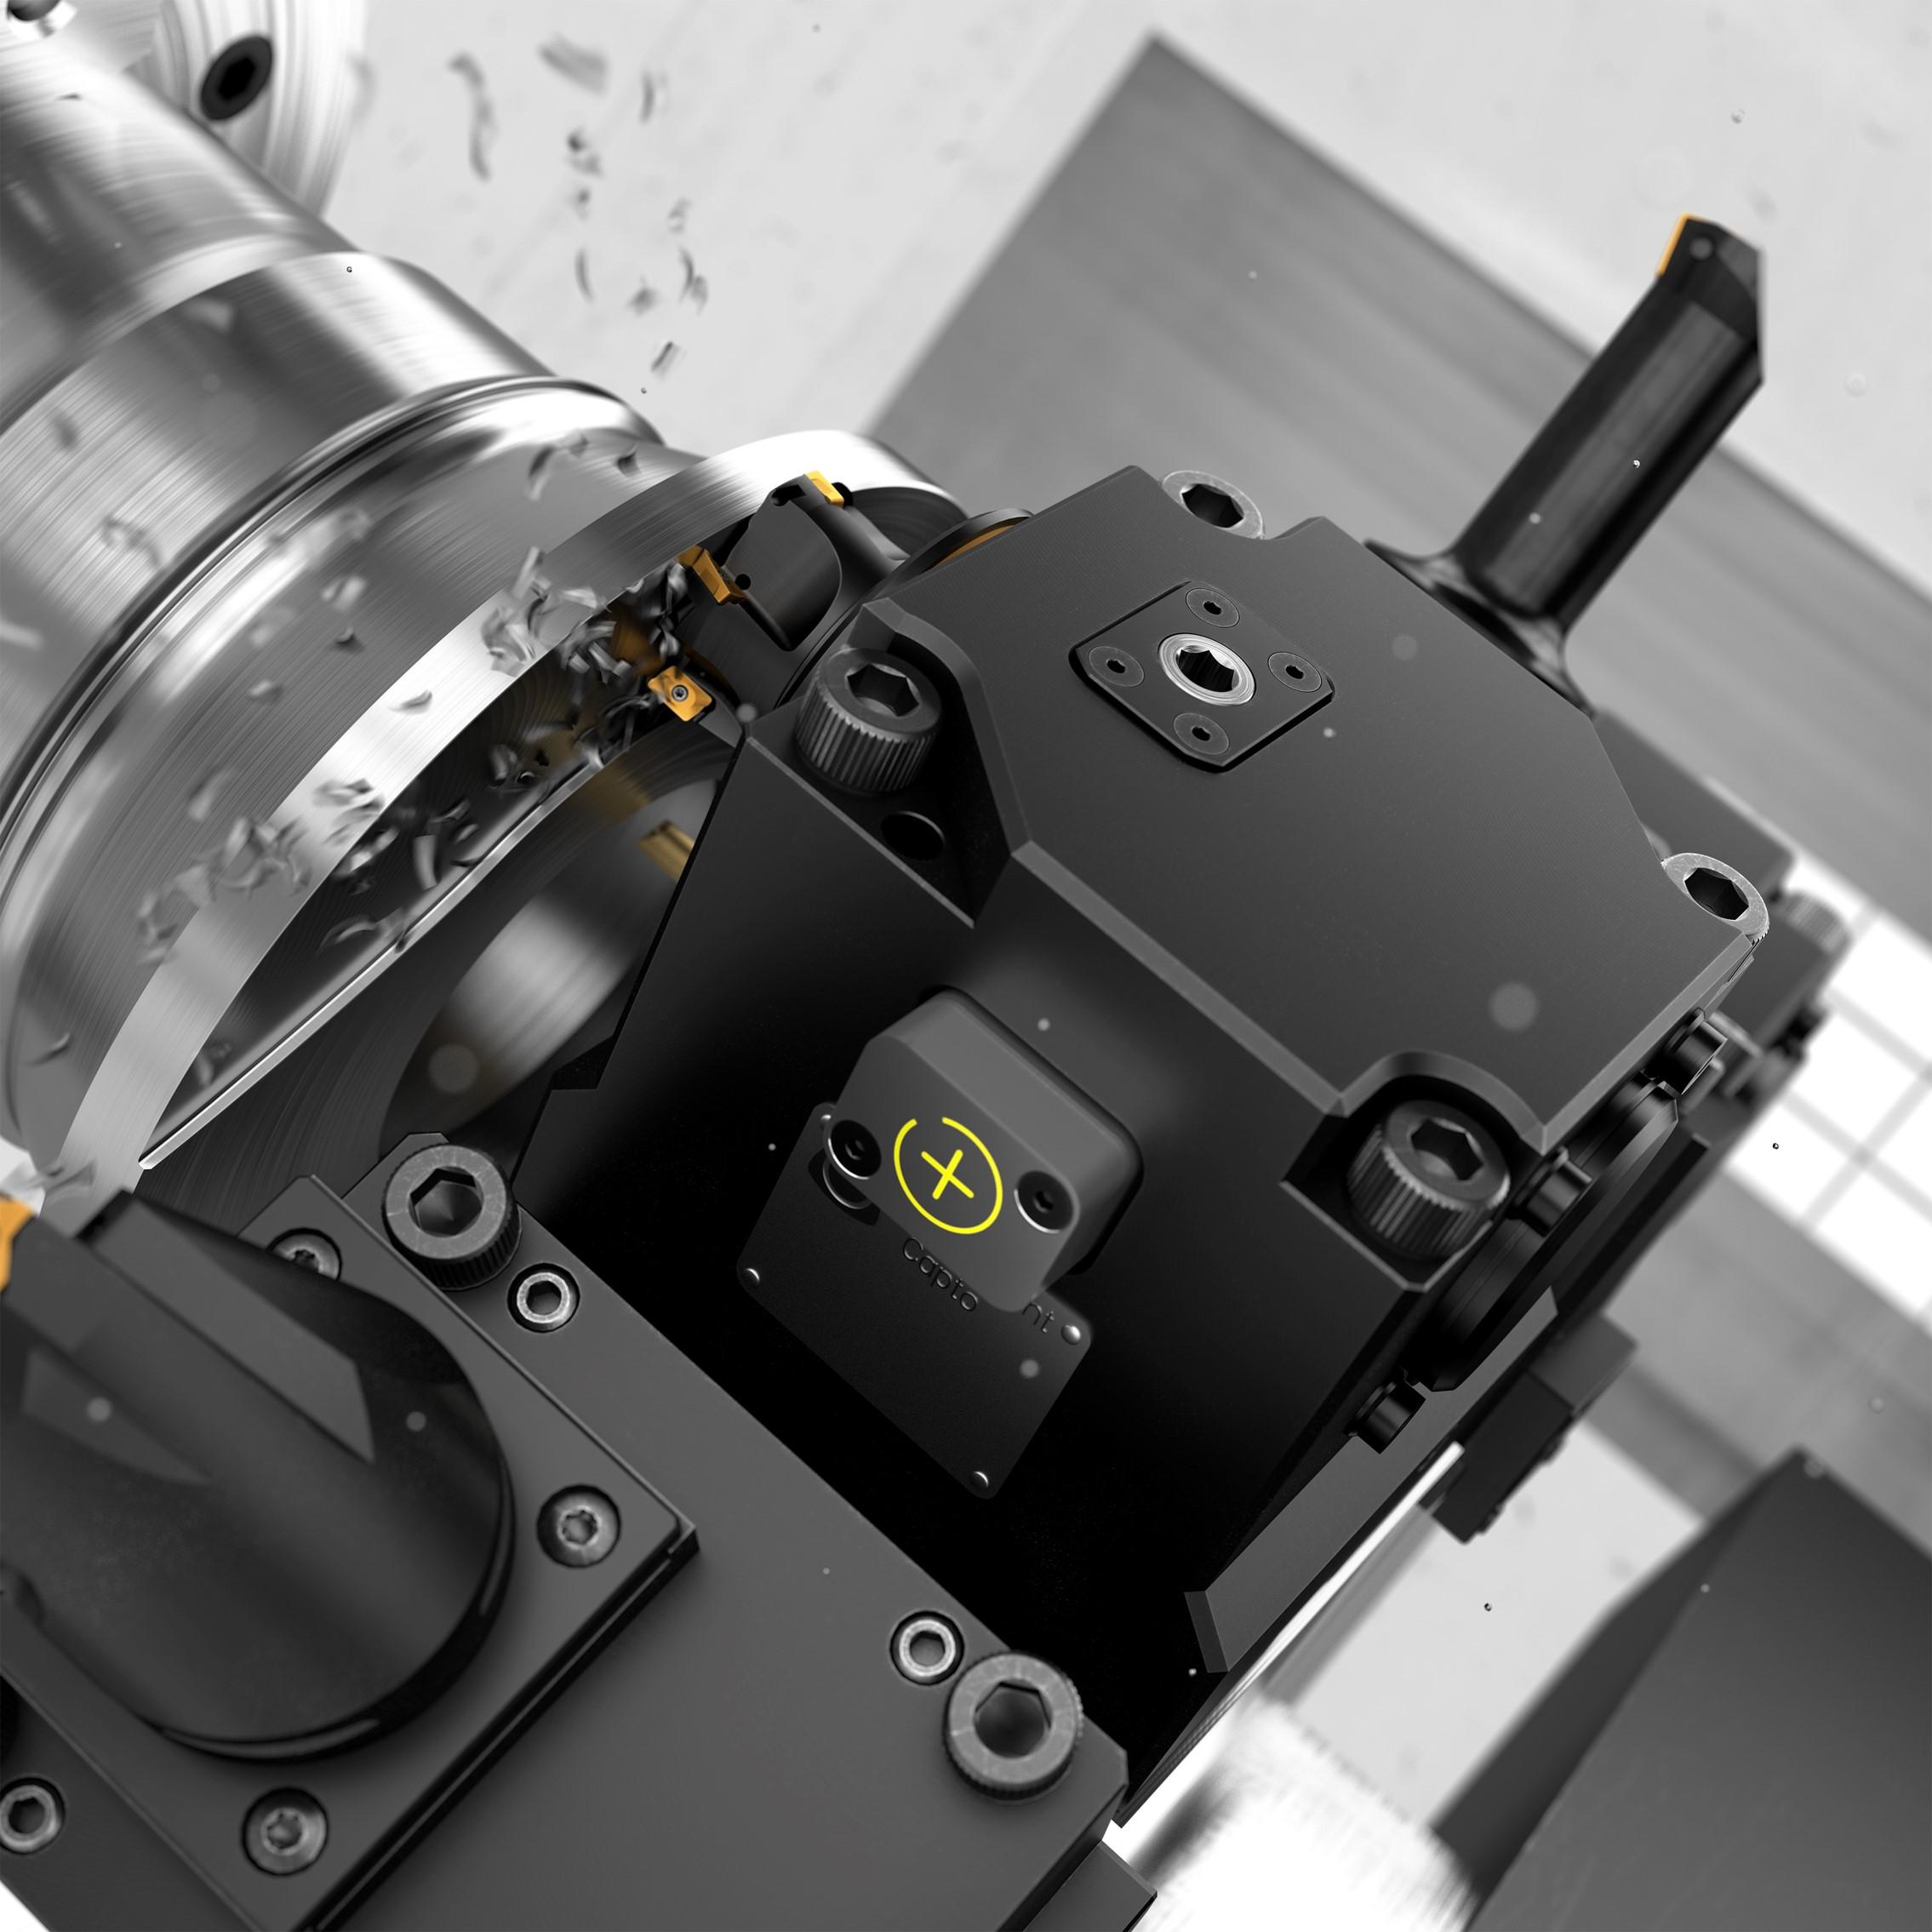 Mit Coromant Capto® Plus bietet Sandvik Coromant eine Lösung zur vorausschauenden Instandhaltung von angetriebenen Coromant Capto® Werkzeughaltern auf Drehmaschinen an.